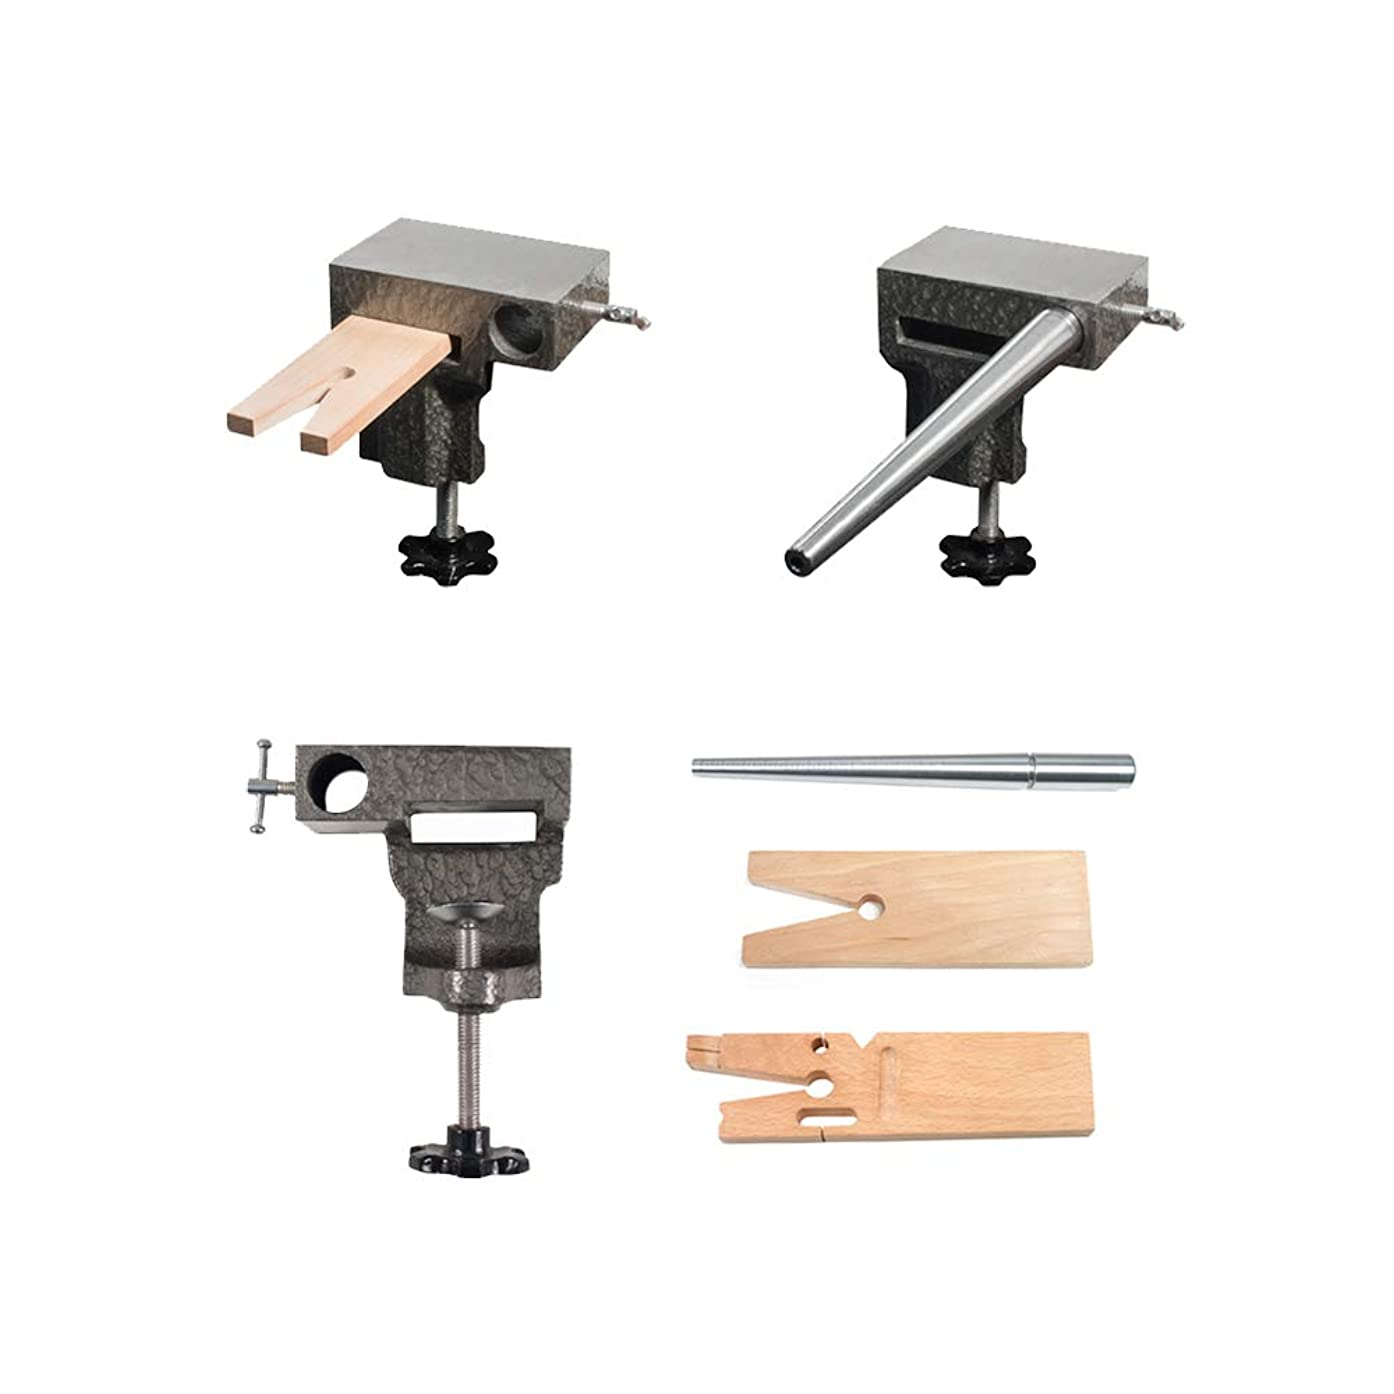 Bench Anvil Basic Combo Kit -Ring Mandrels, Anvil, And V Slot Bench Pin SFC Tools - 13-136